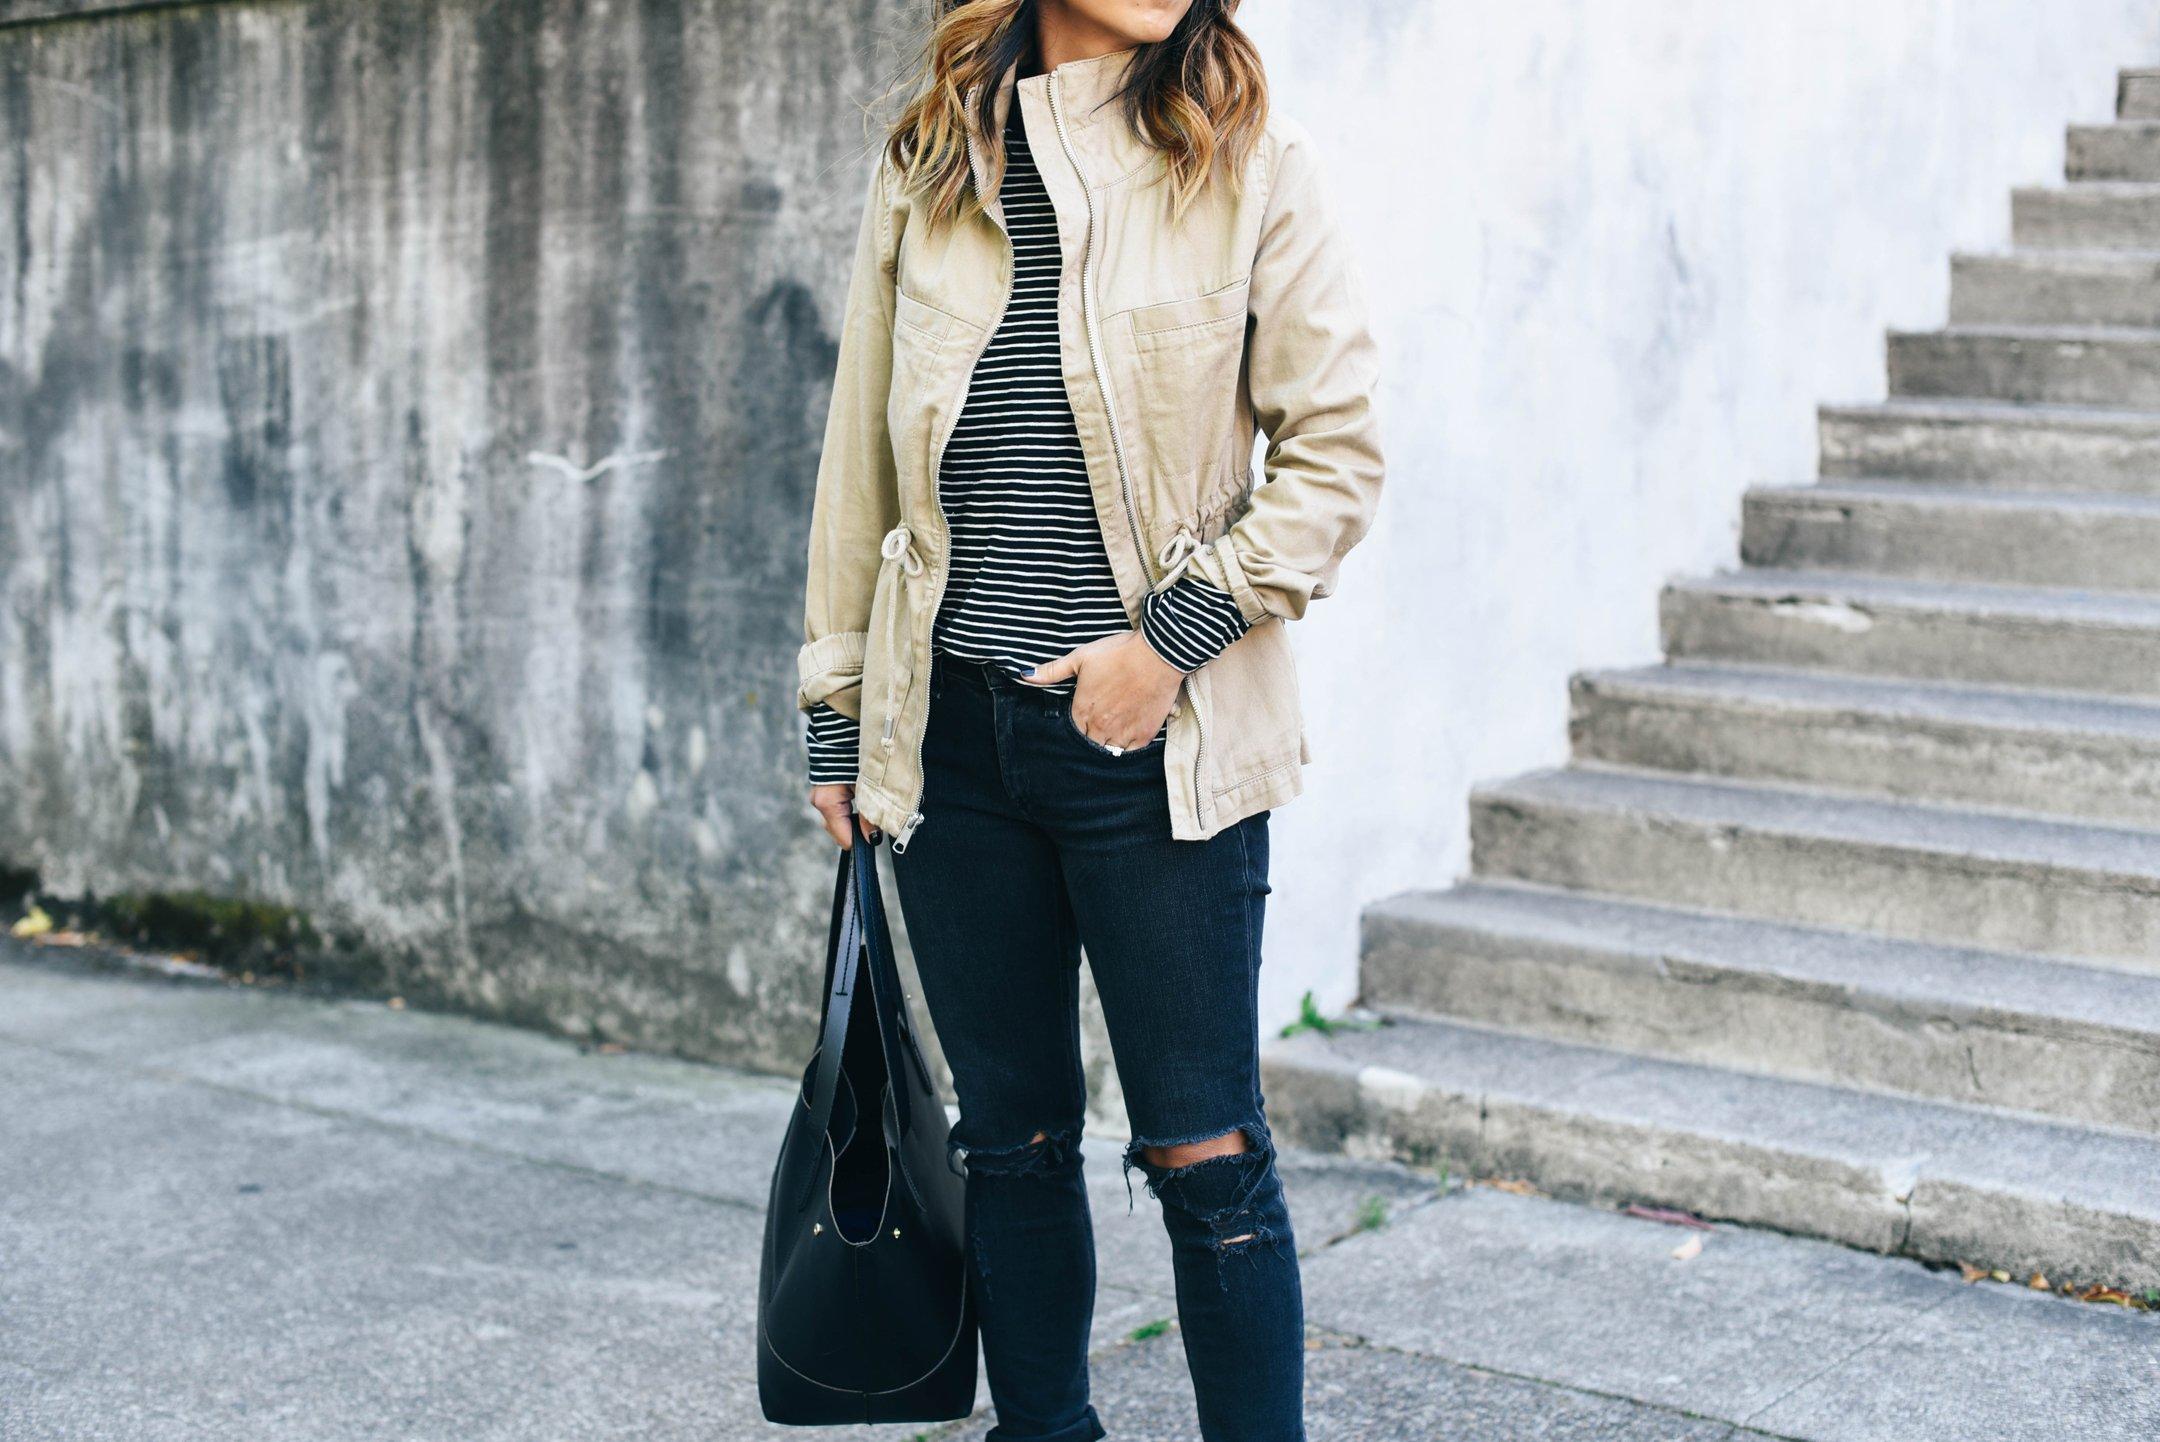 old-navy-field-jacket-for-women-in-khaki